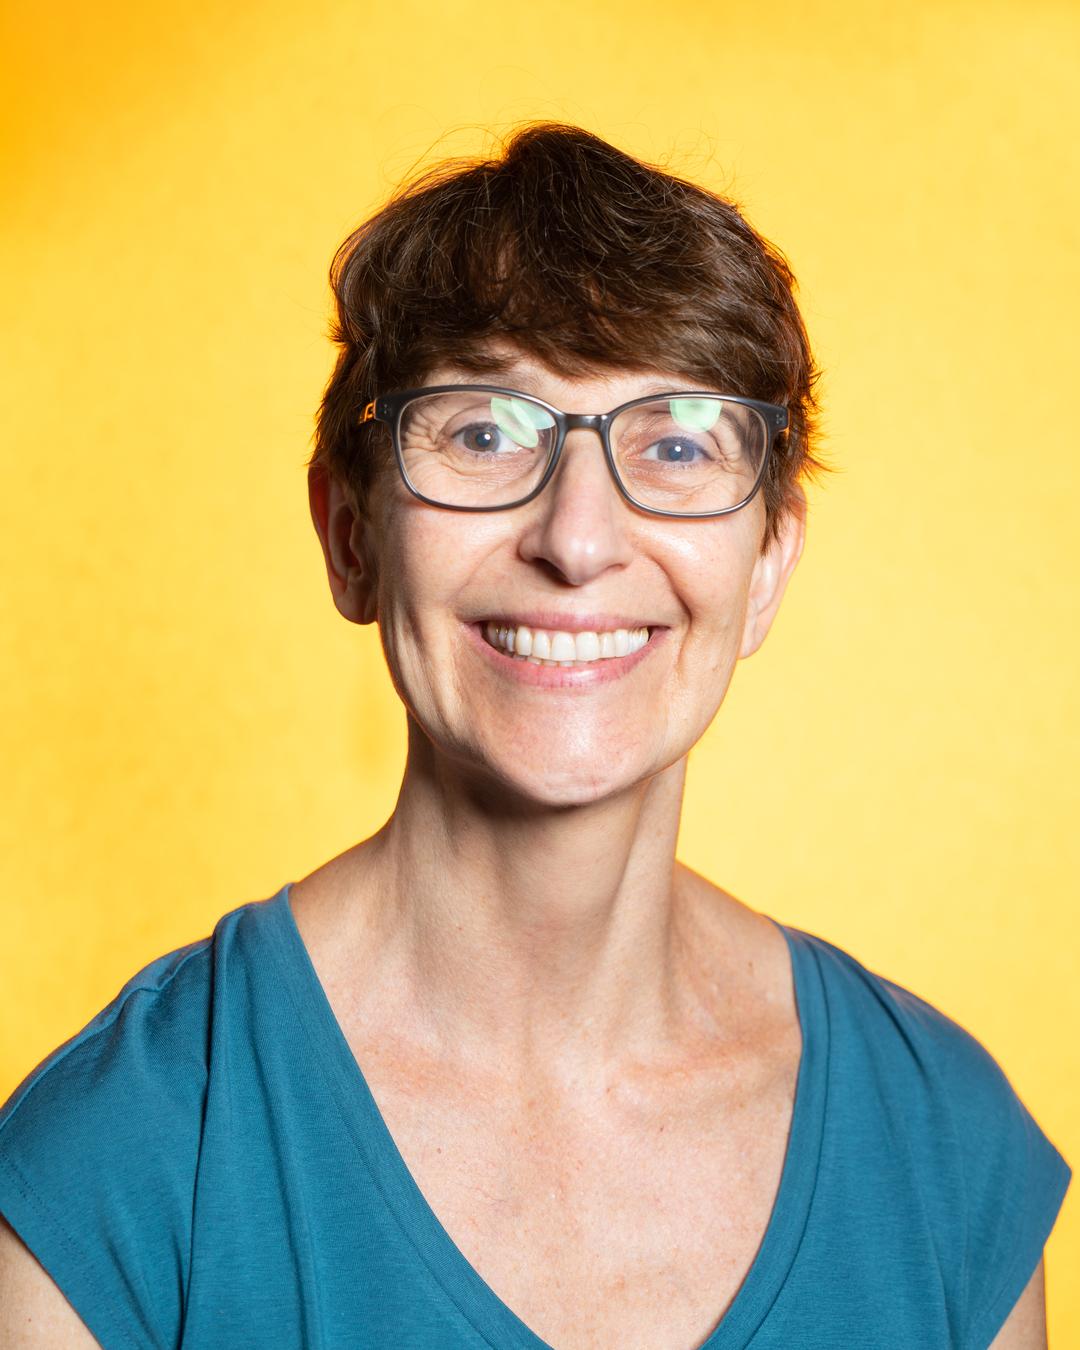 Ms. Osinoff